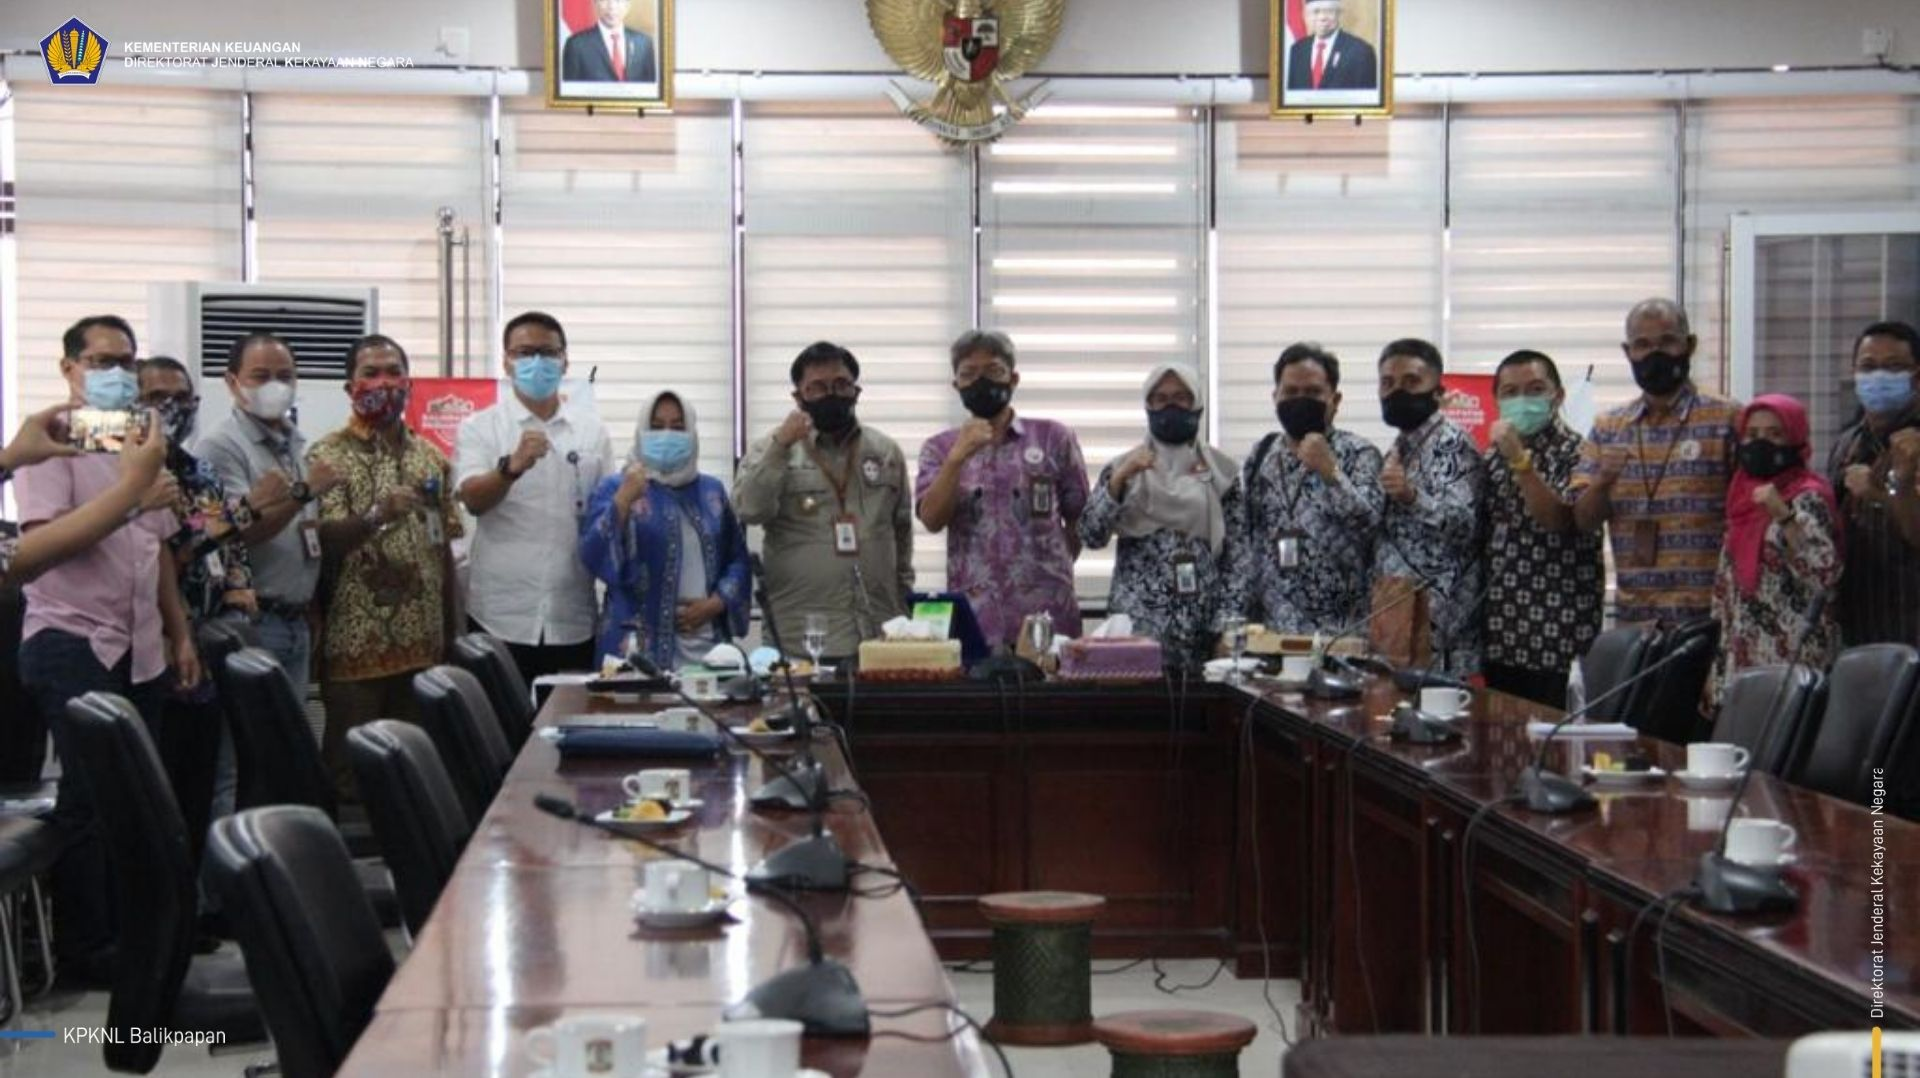 Tingkatkan Sinergi, KPKNL Dampingi Kanwil Kaltimtara Lakukan Kunker ke Pemkot Balikpapan